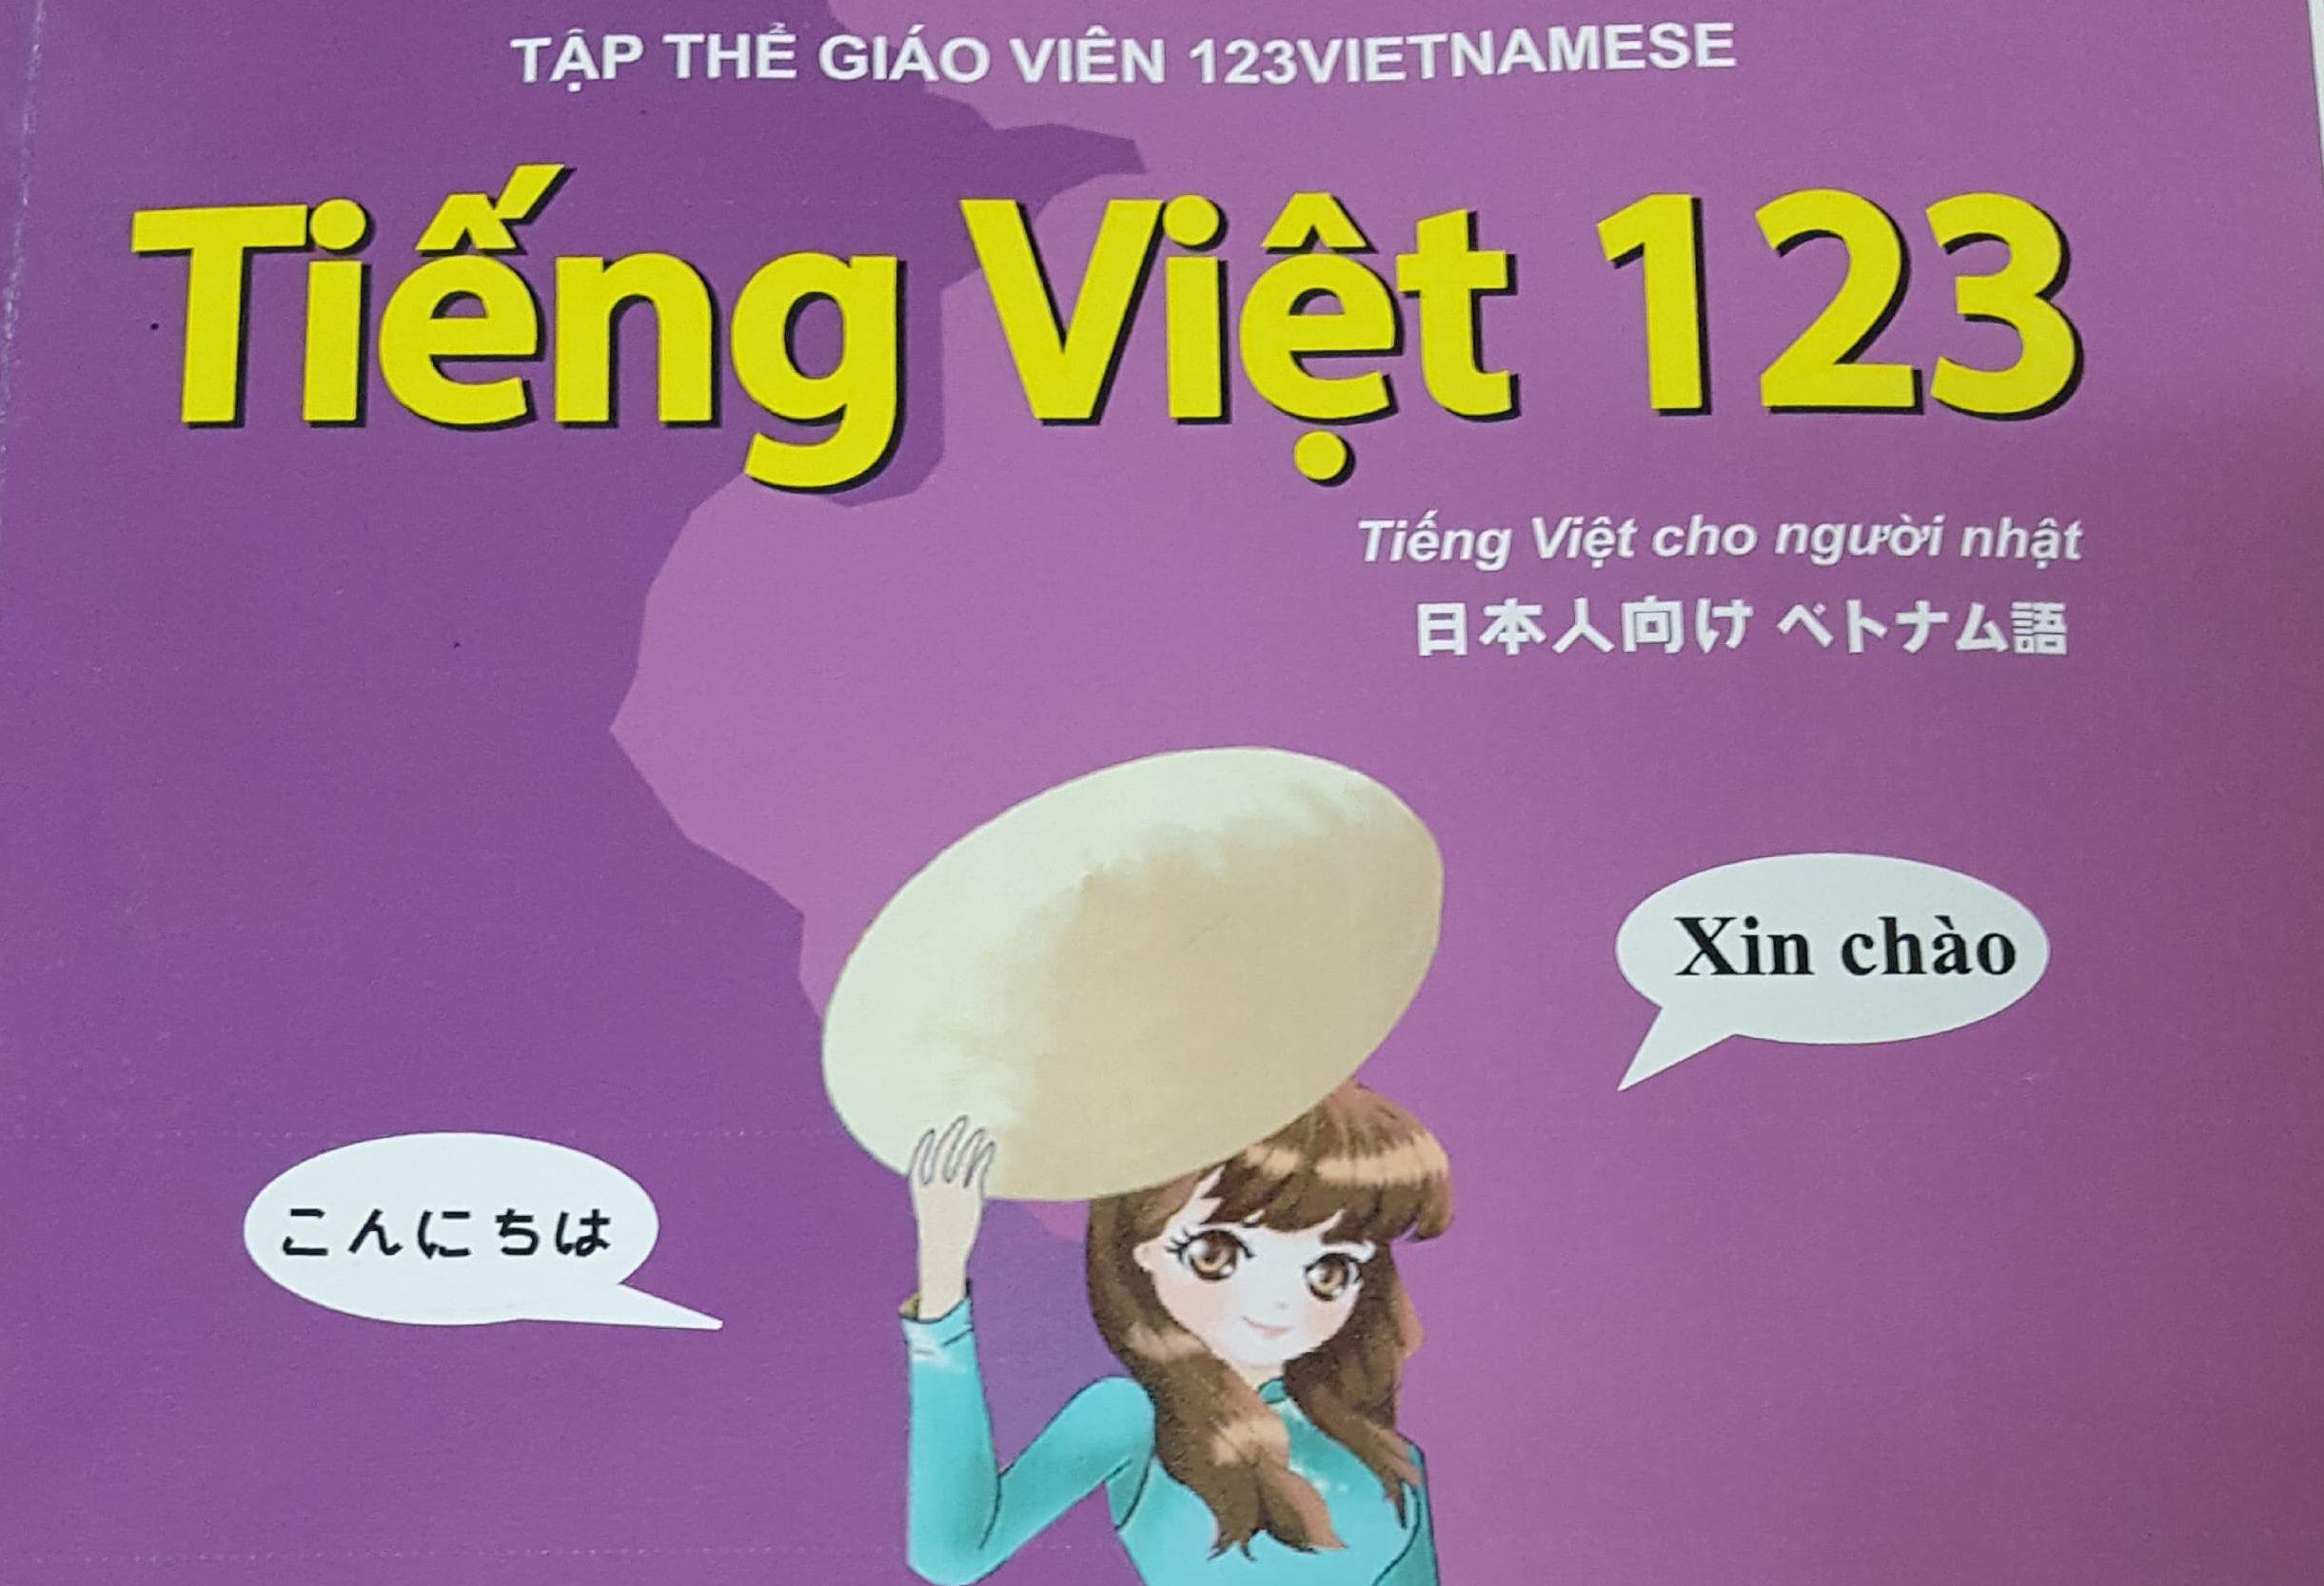 ベトナム語を独学中の初級者にお勧めの参考書を紹介・最強の教材